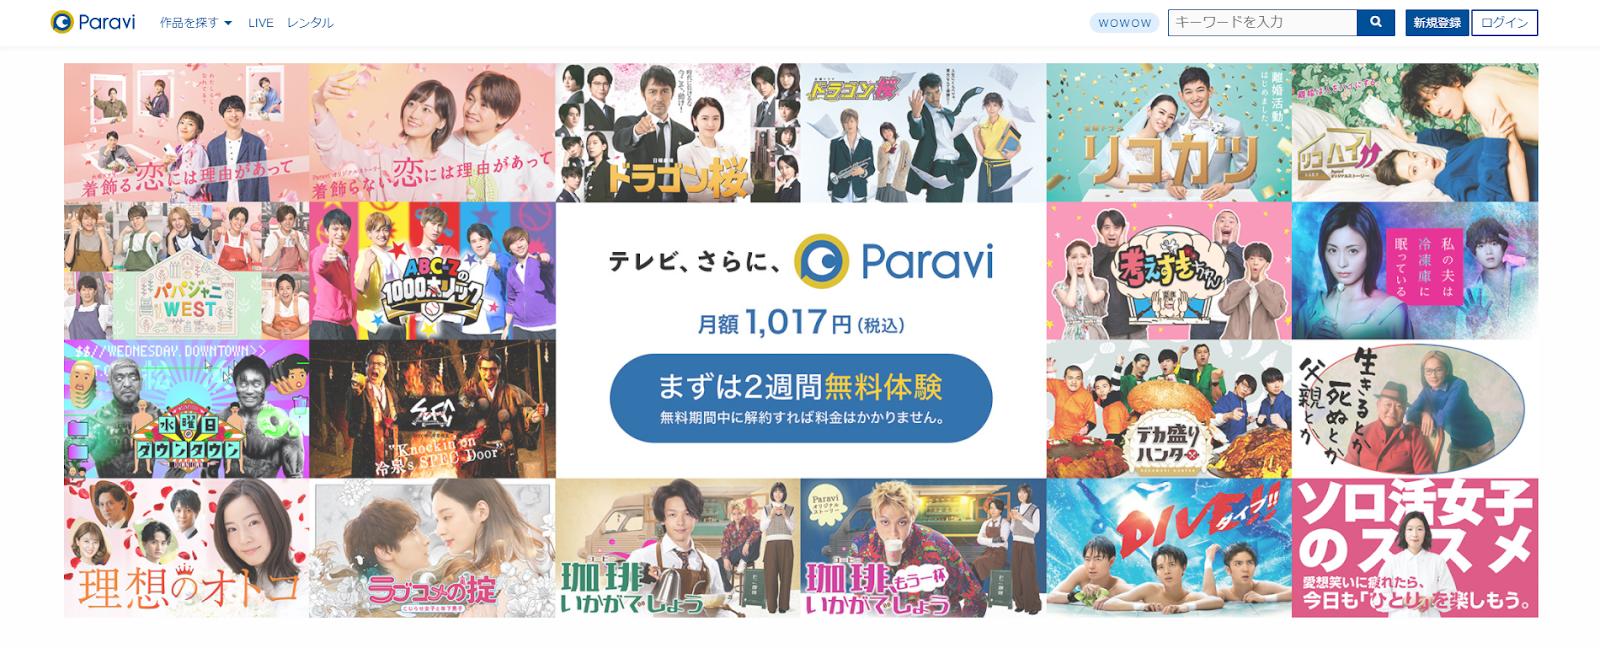 【2021年版】TBSが運営する動画配信「Paravi」の料金を徹底解説